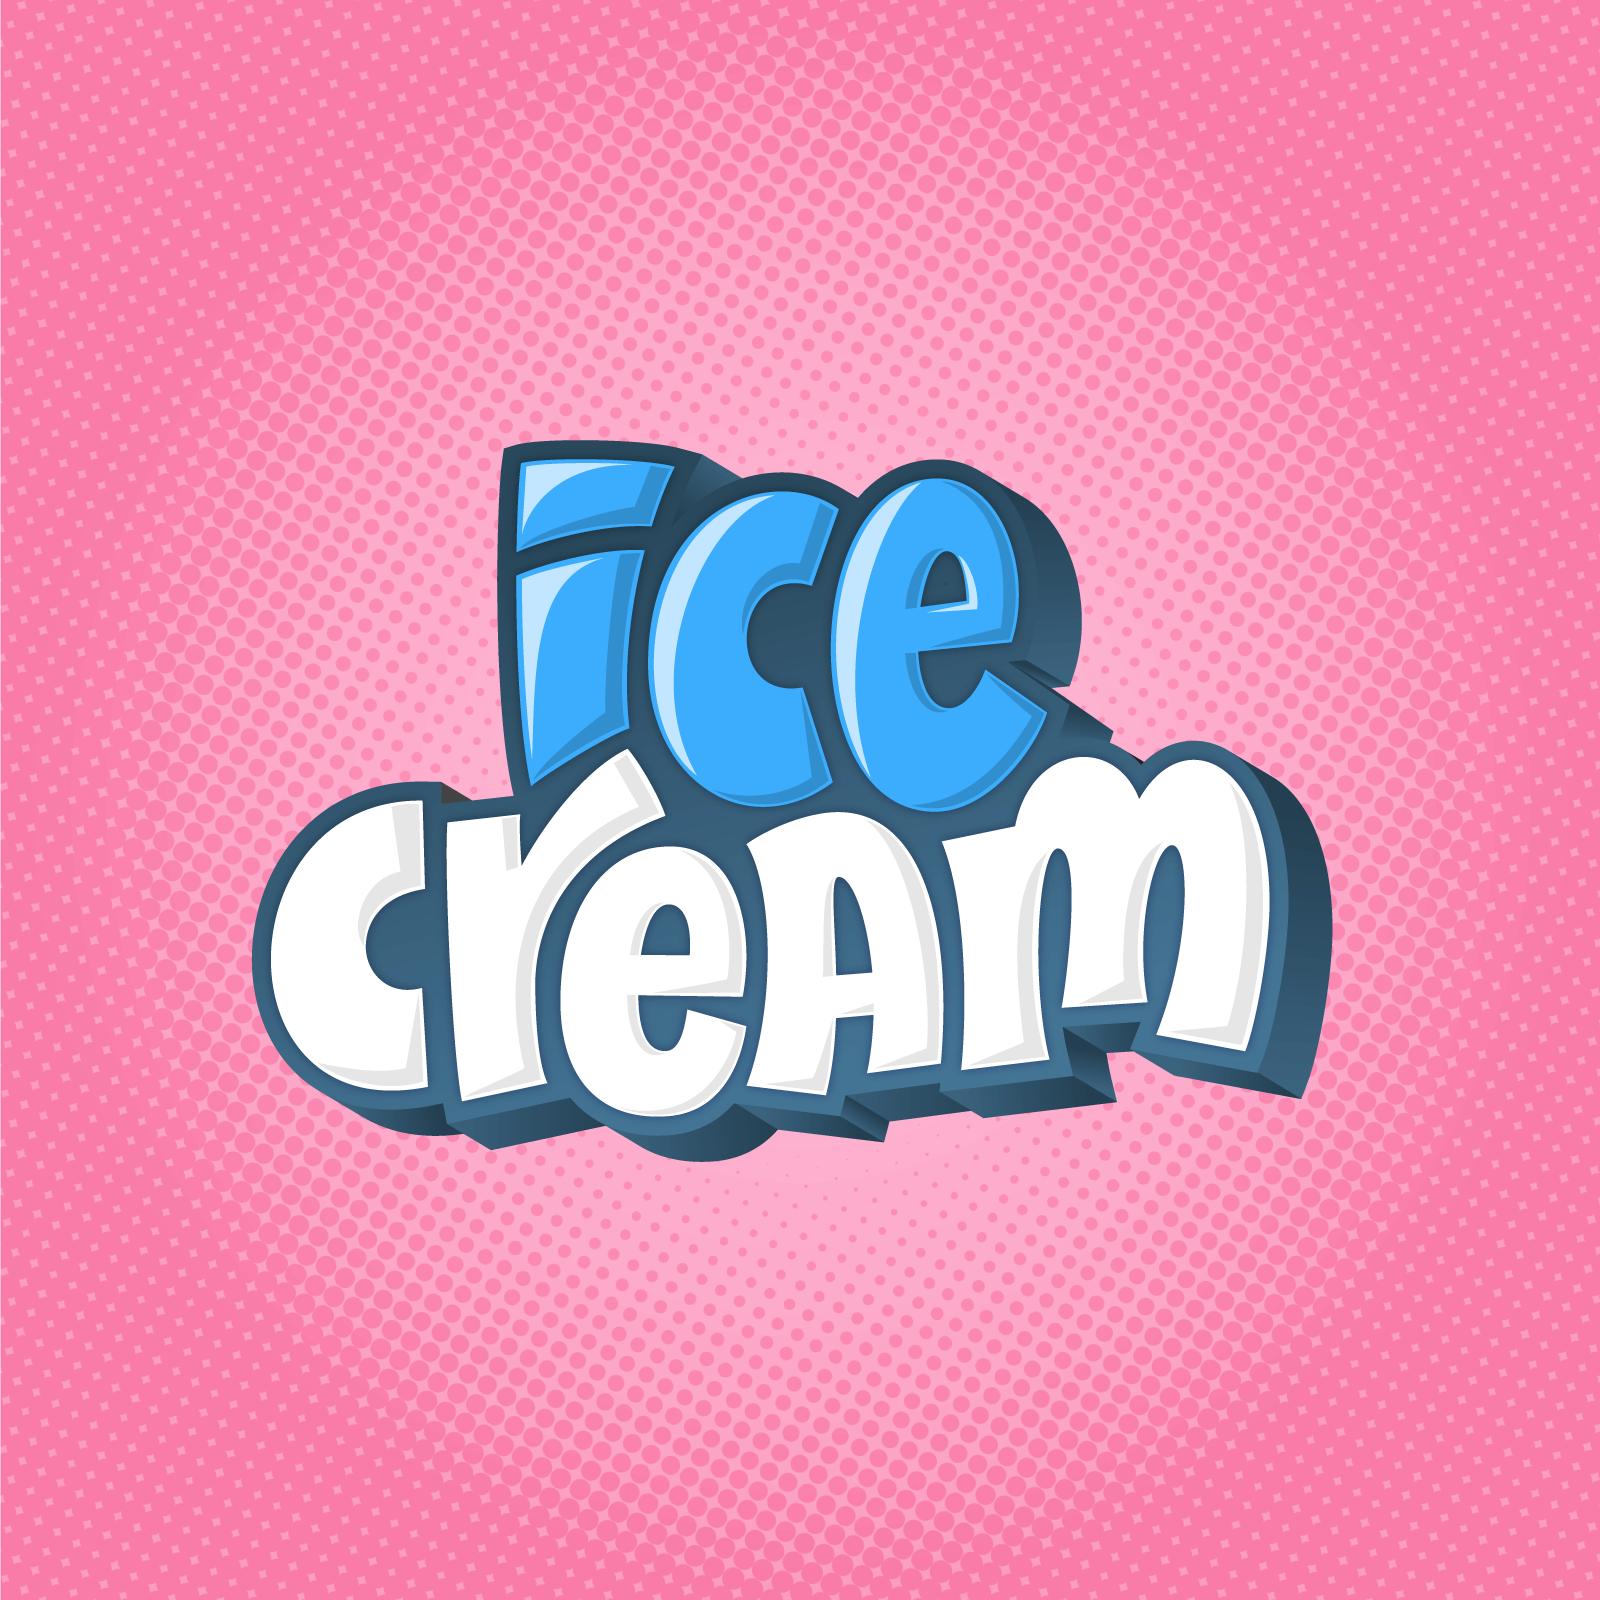 Ice Cream - Krste Kochev